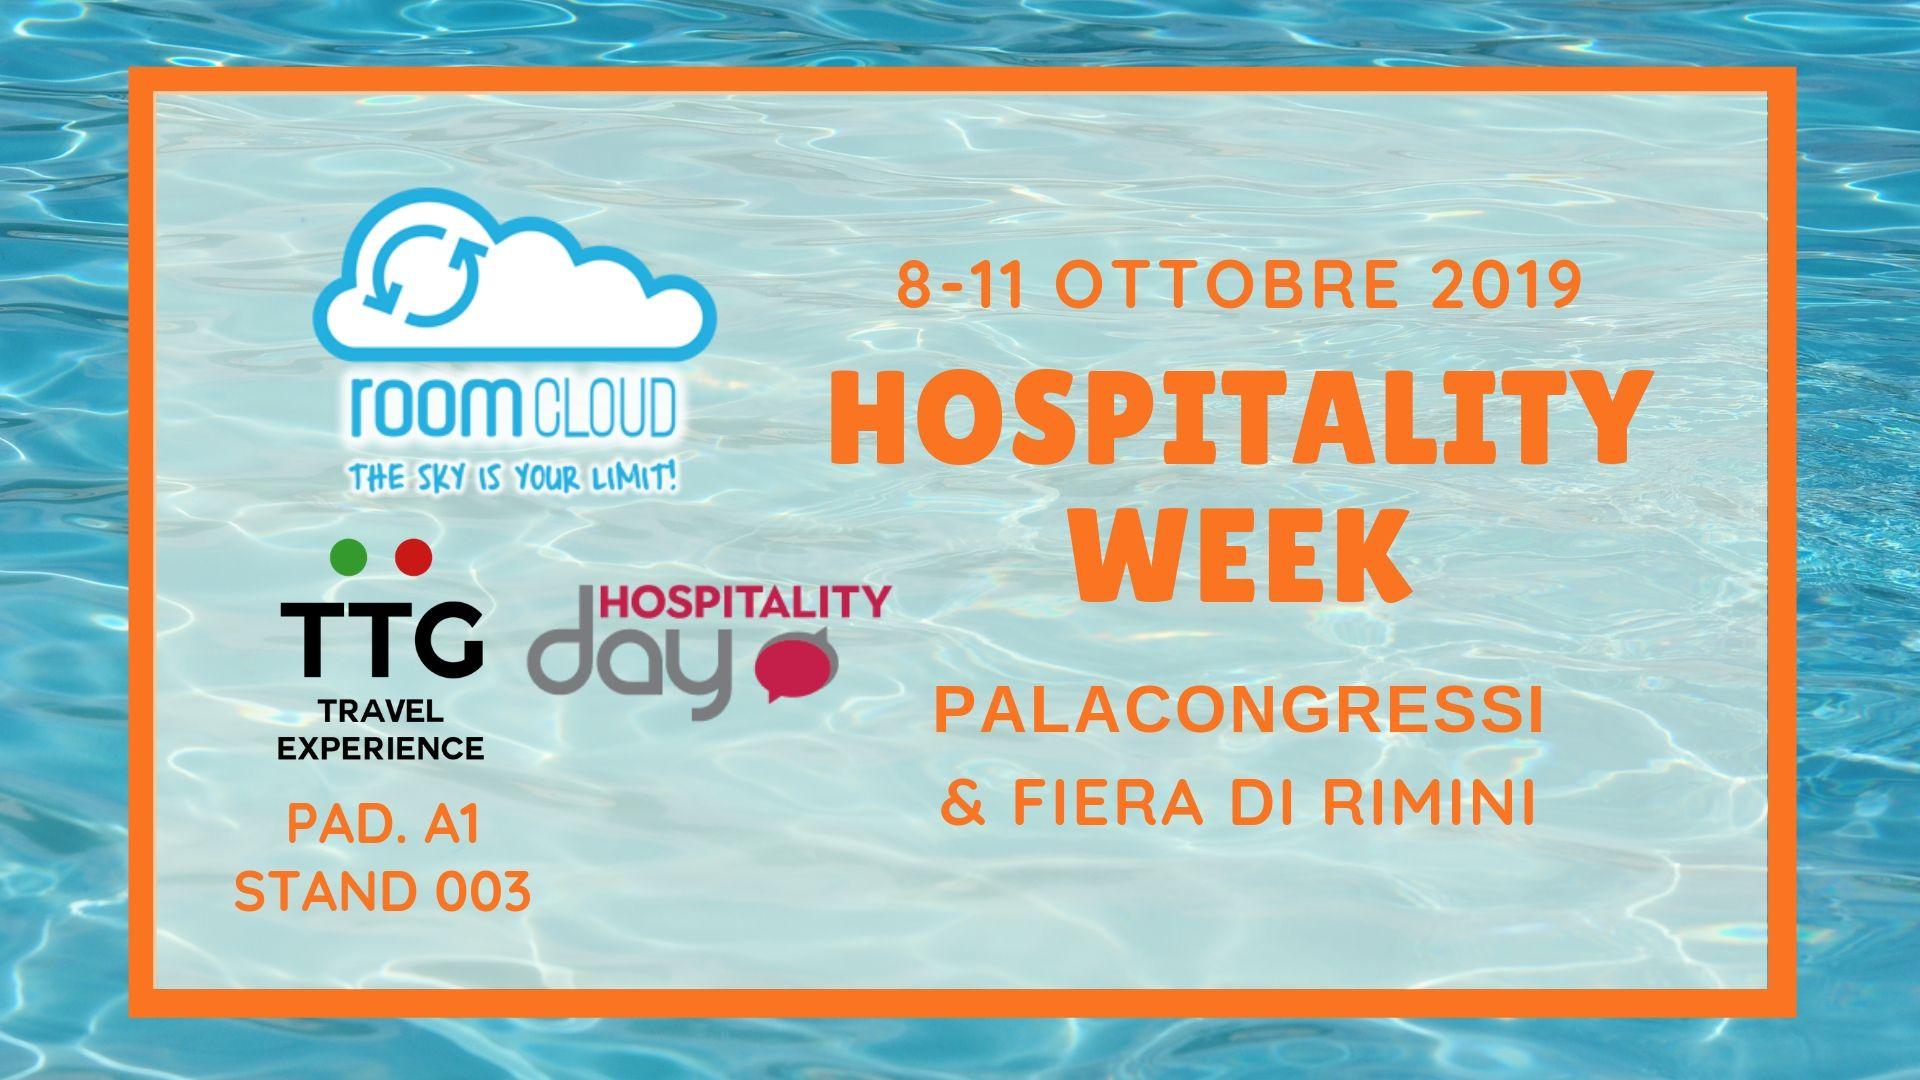 TTG et Hospitality Day 2019 à Rimini